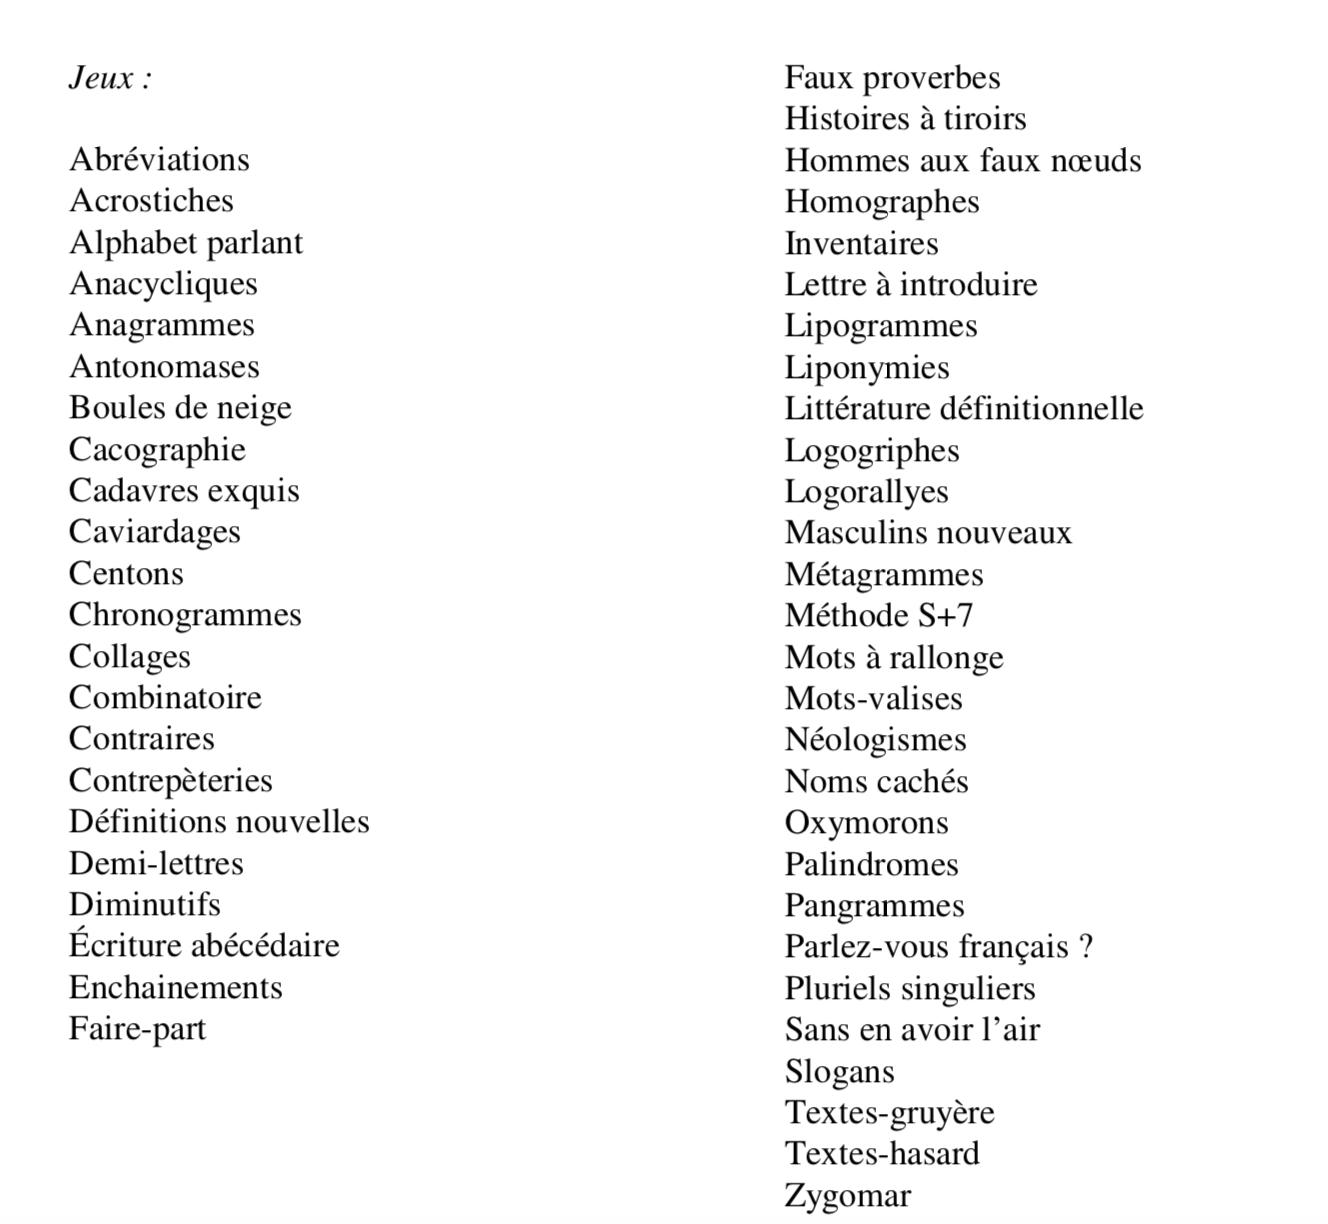 Pdf Gratuit : 50 Jeux De Langue Pour Progresser En Français tout Jeux De Lettres Gratuits